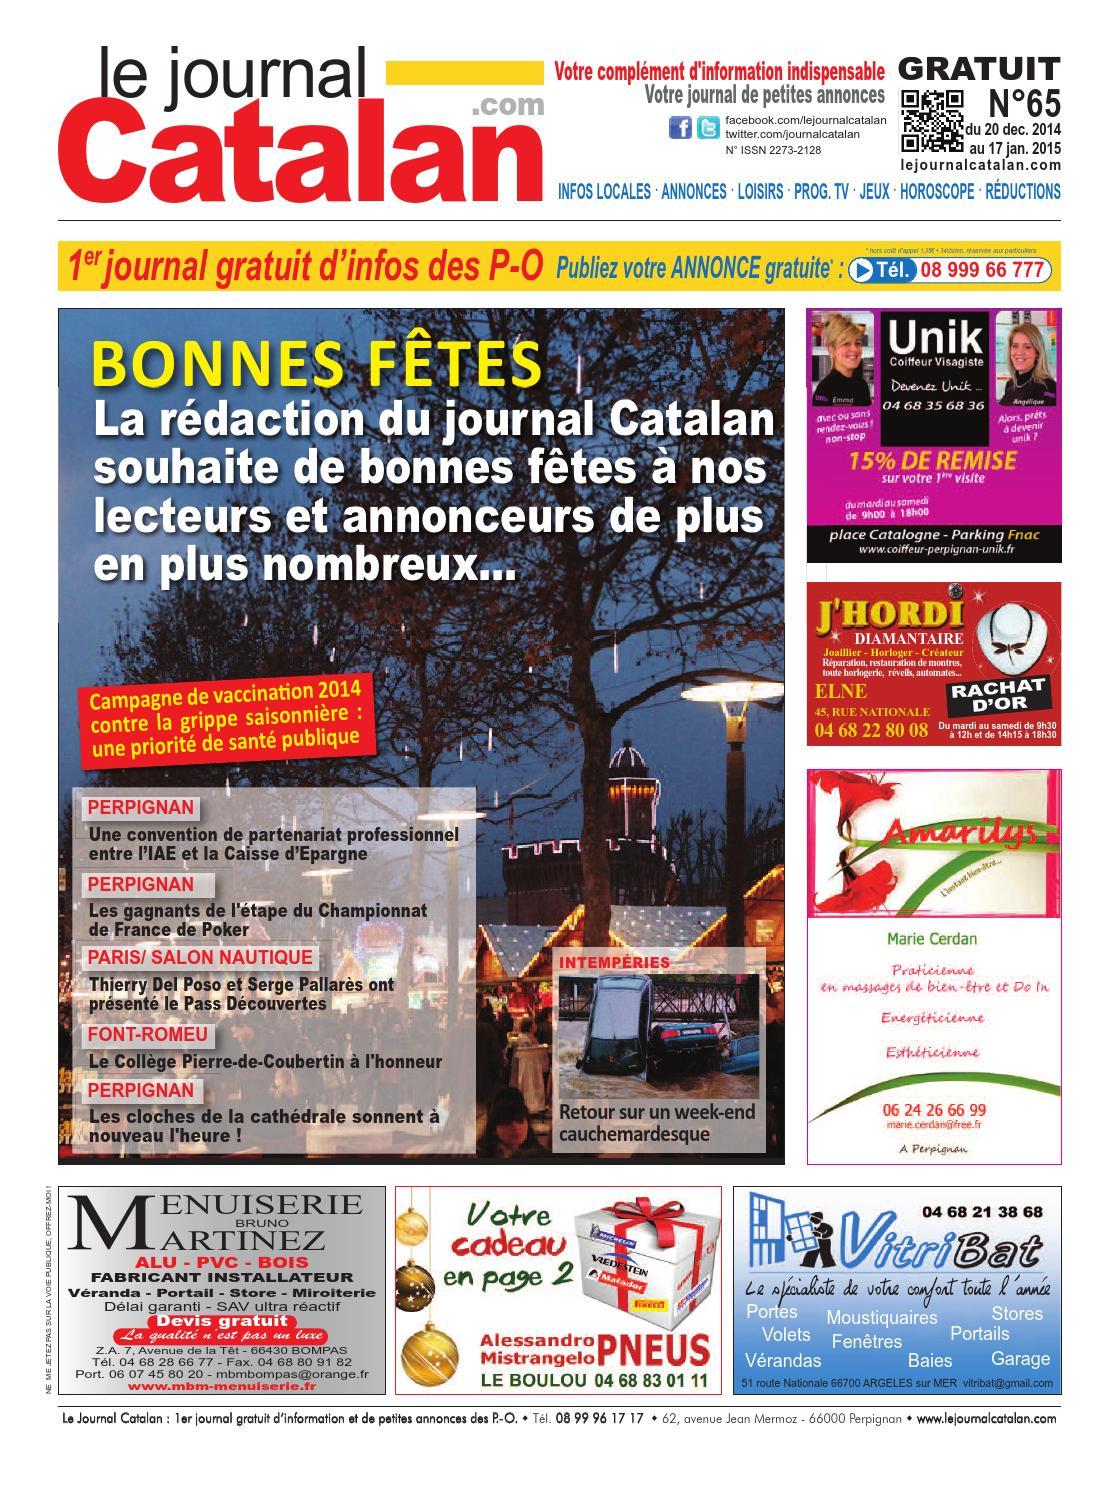 Le Journal Catalan N°65 premier journal gratuit d